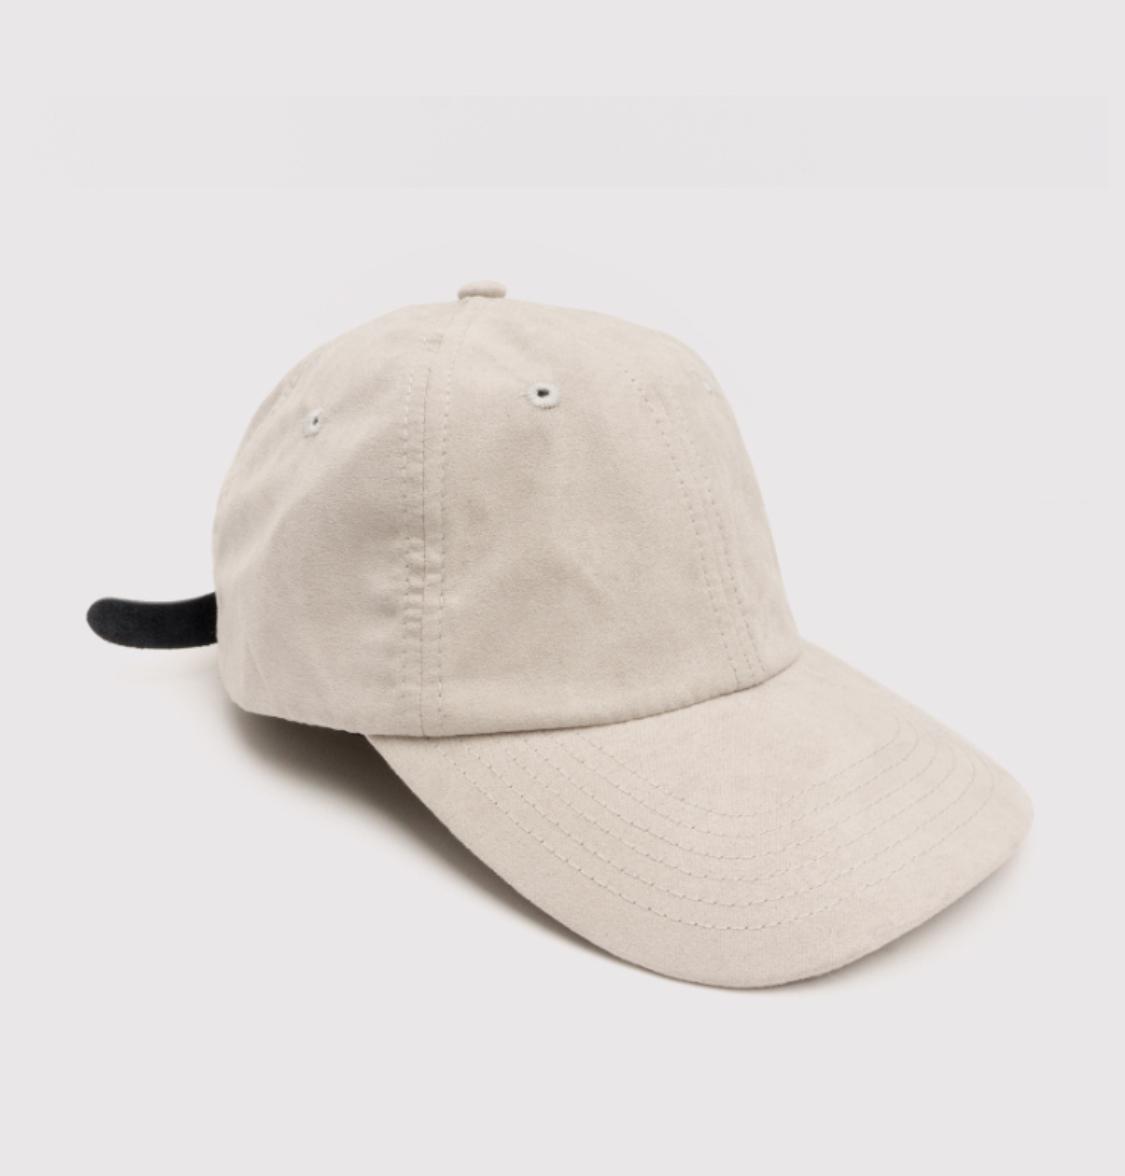 Suede Dad Hat - Light